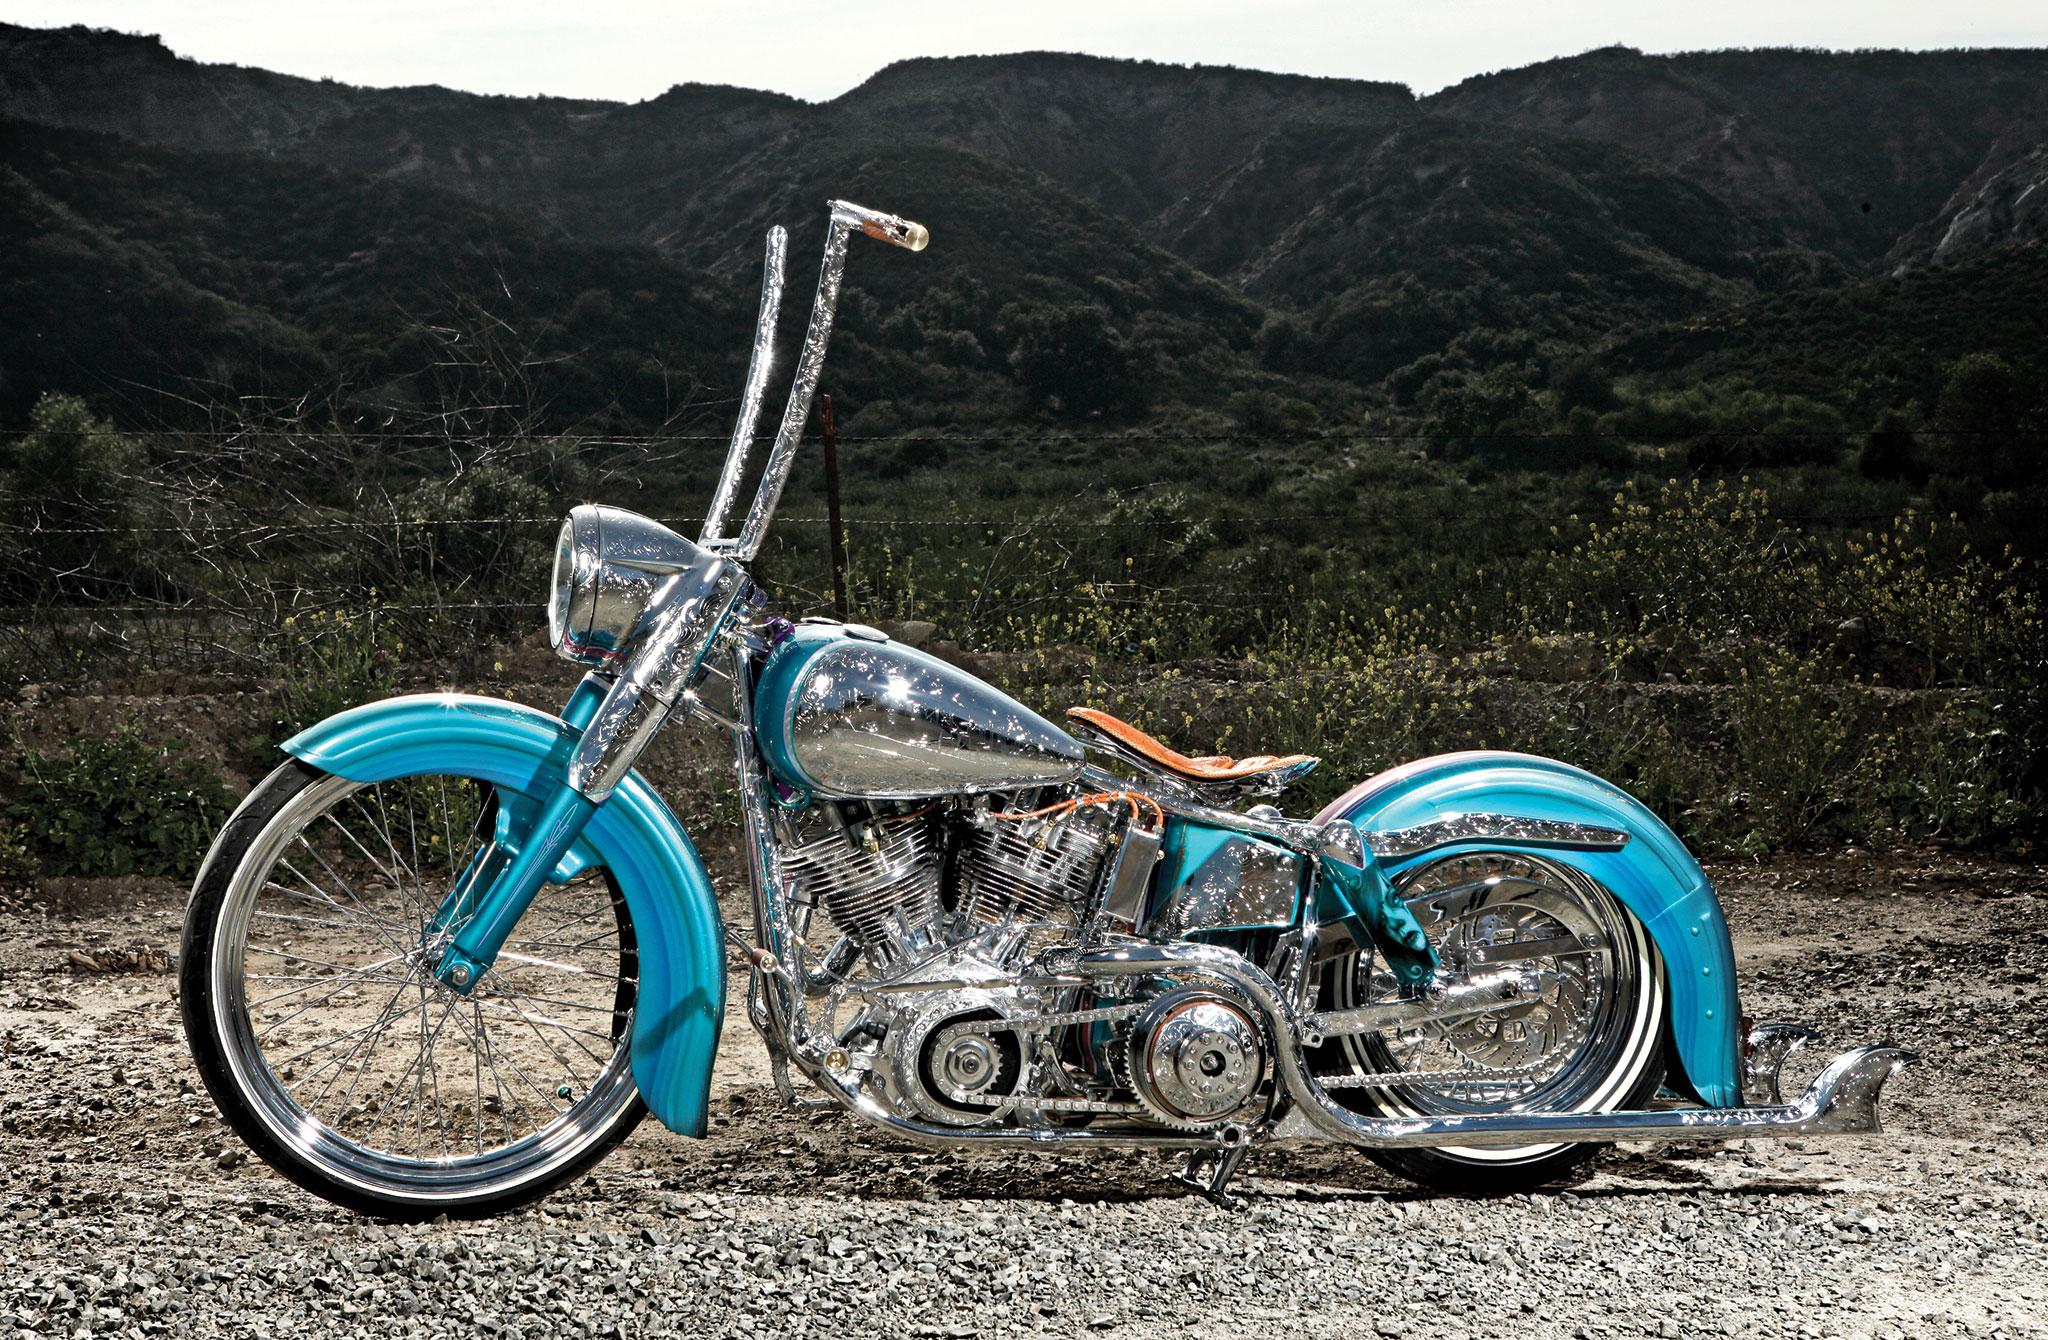 Harley Davidson Sportster  Low For Sale